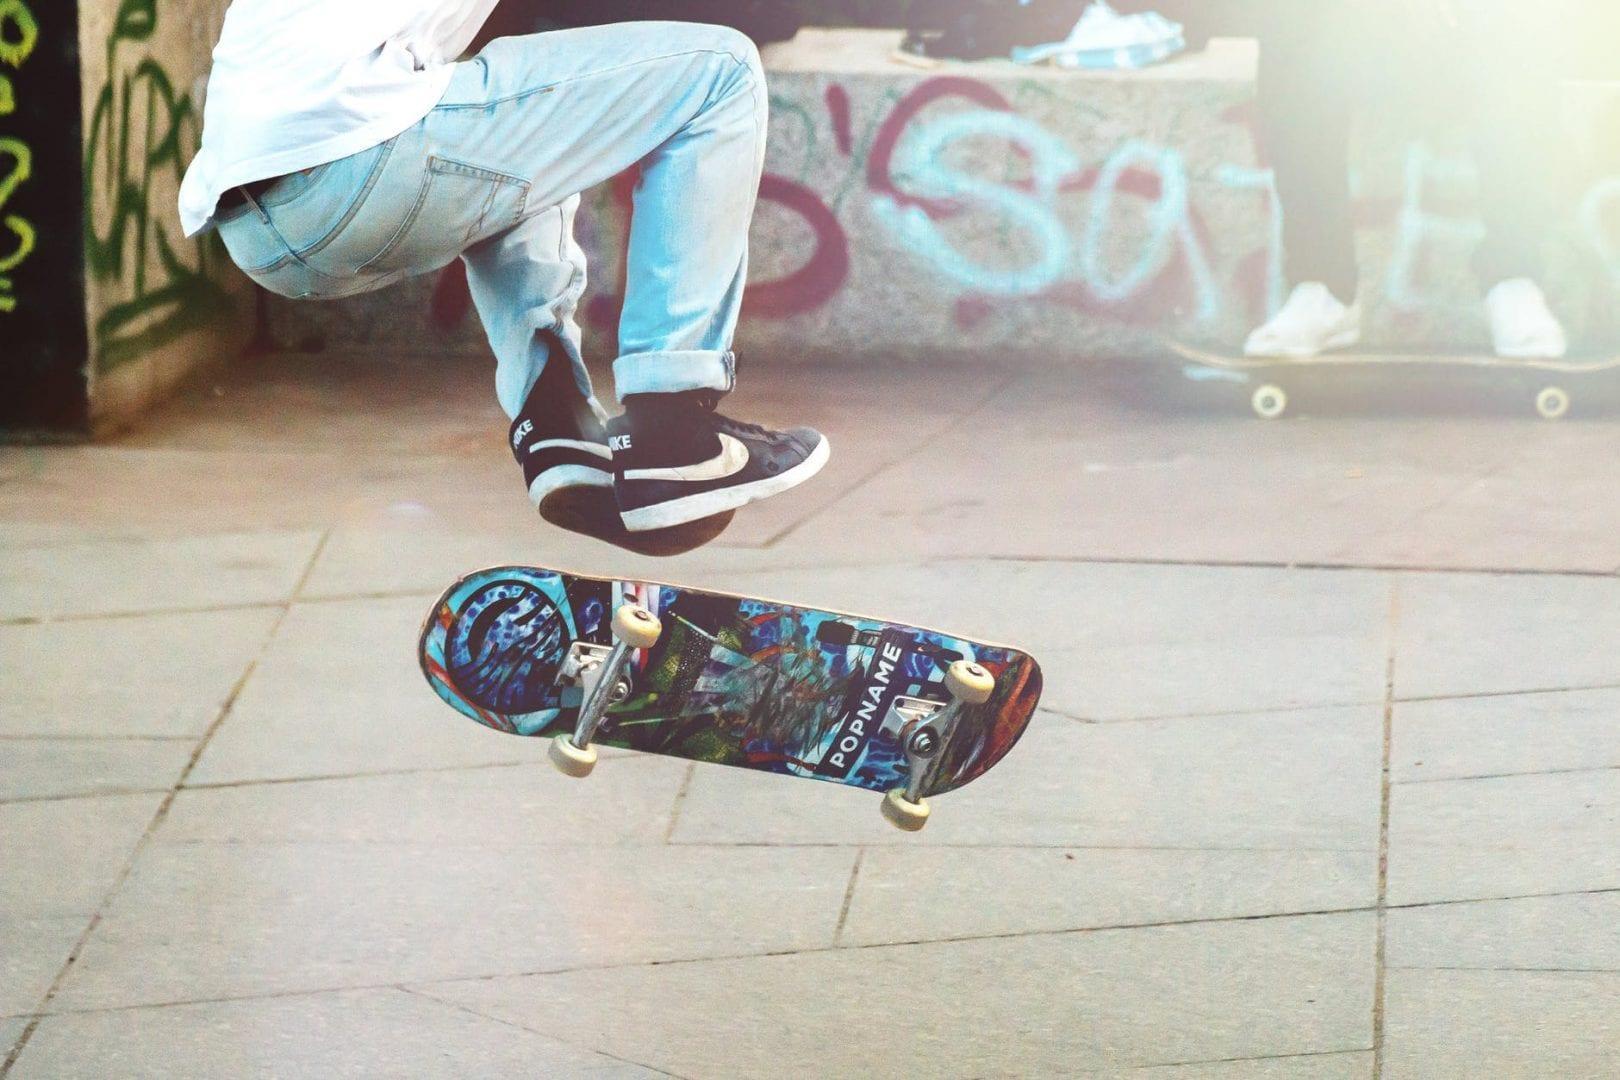 9fdddbb9a10 Confira os melhores lugares para andar de skate em Goiânia - Dia Online